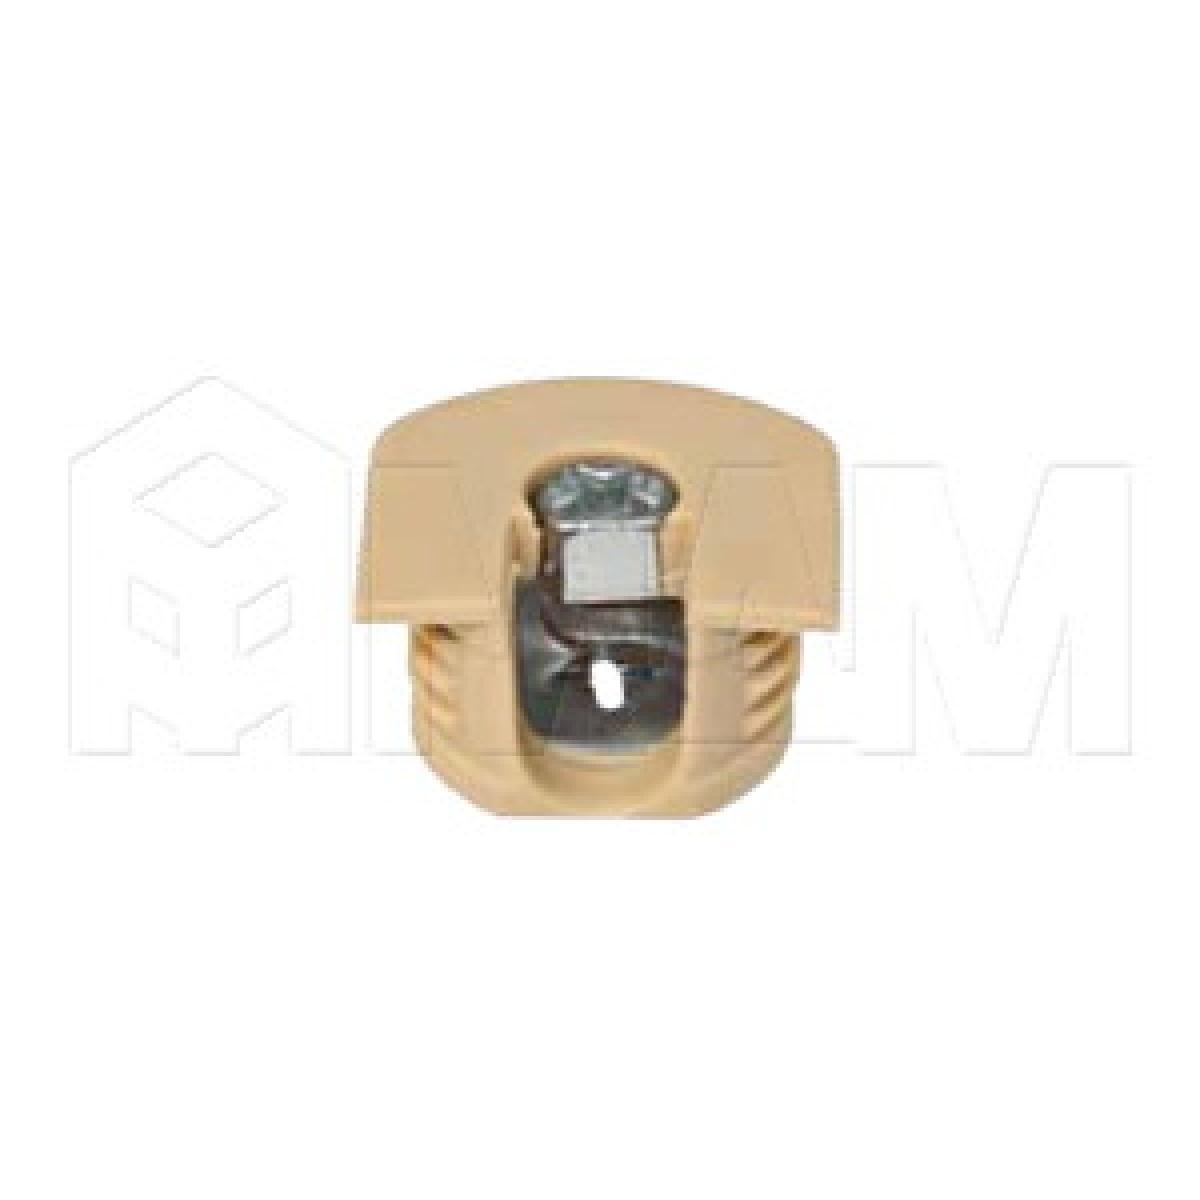 Эксцентрик усиленный в пластиковом корпусе 16 мм, бежевый